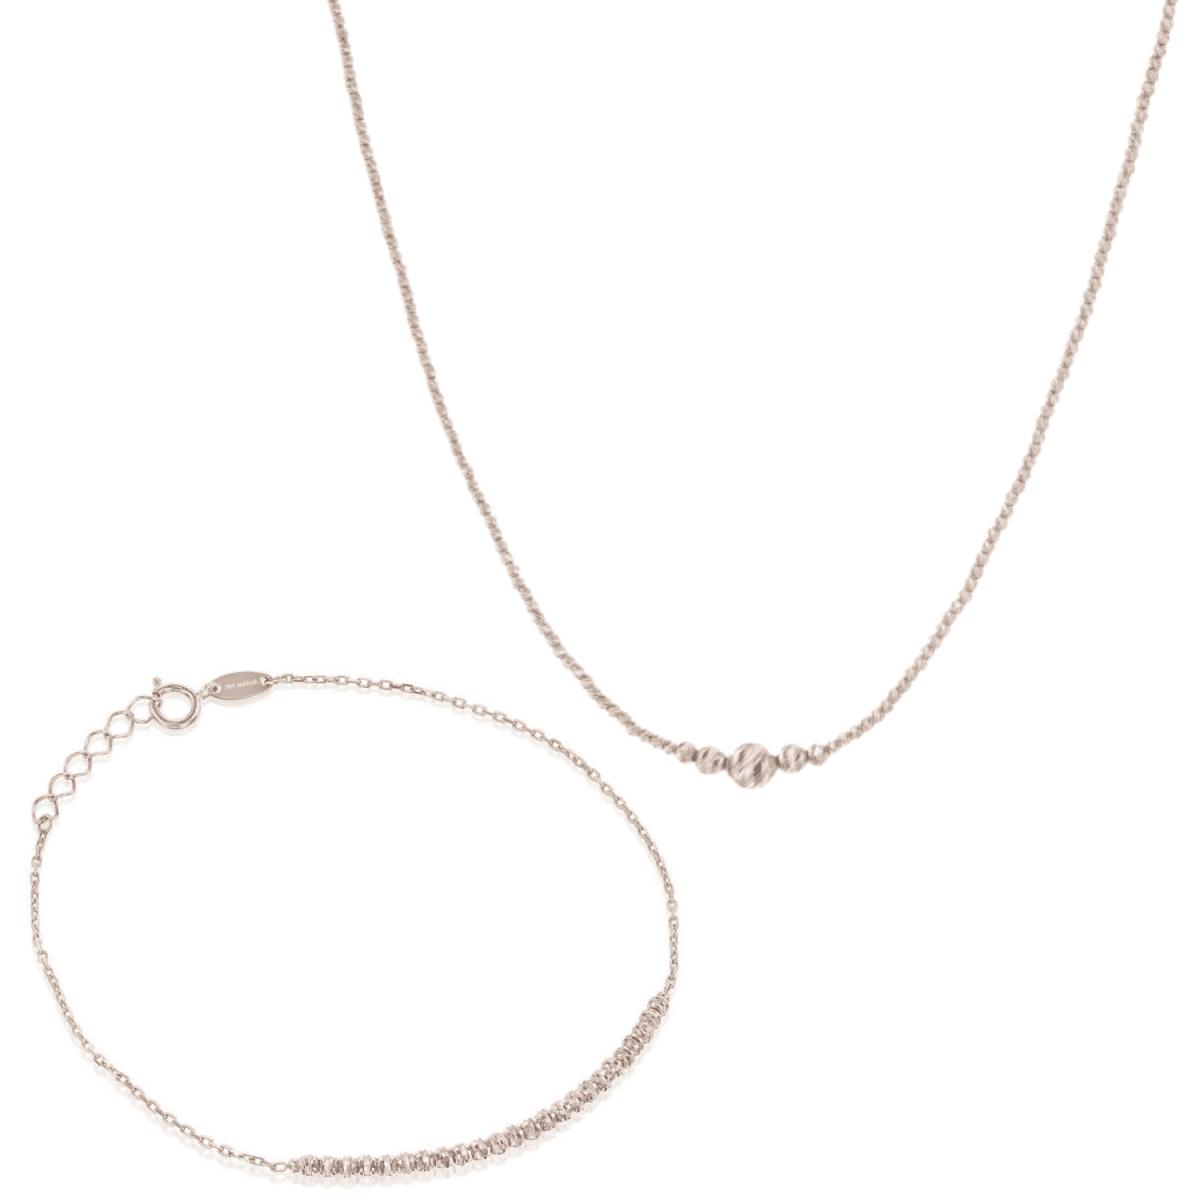 סט שרשרת וצמיד כדורים זהב לבן בחיתוך לייזר